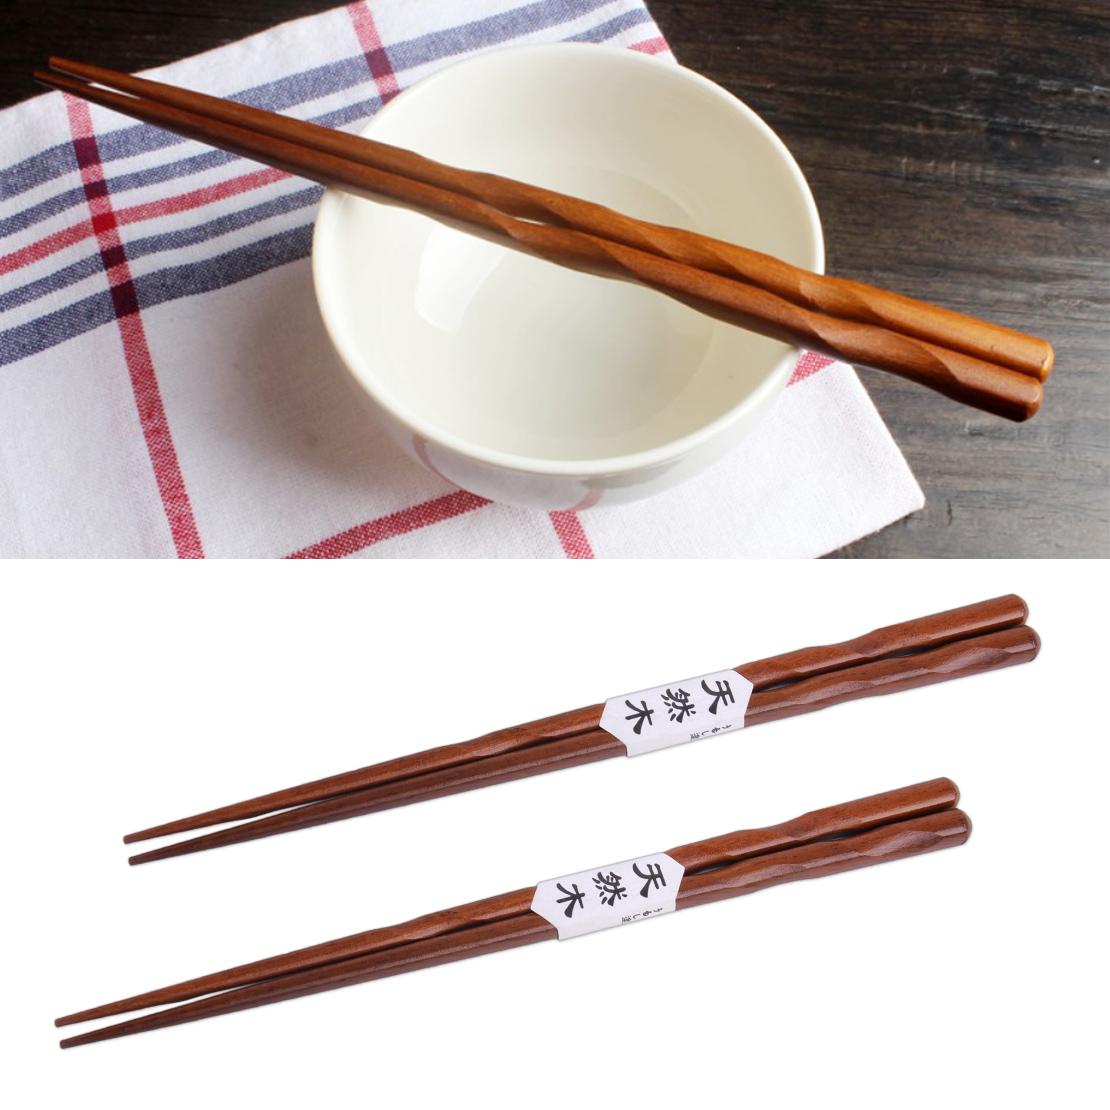 Bambus Essstäbchen Chopsticks wiederverwendbar 10 Paar Asia Stäbchen 24 cm natur